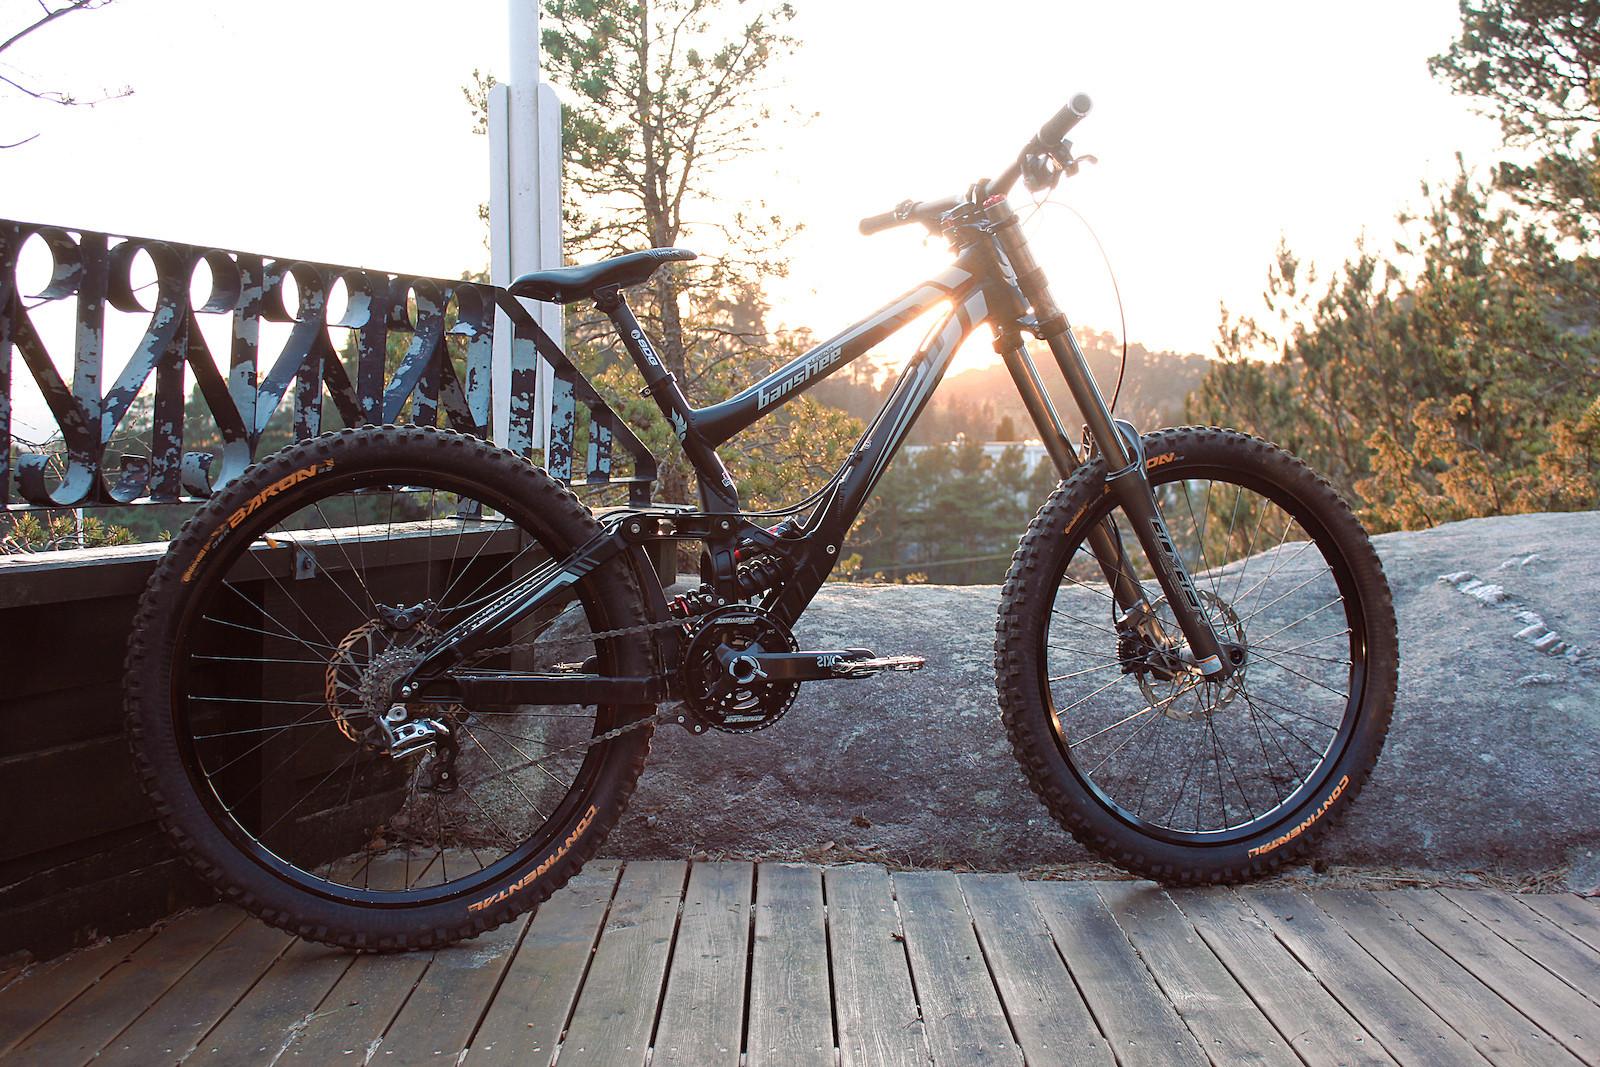 staike's Banshee Bikes